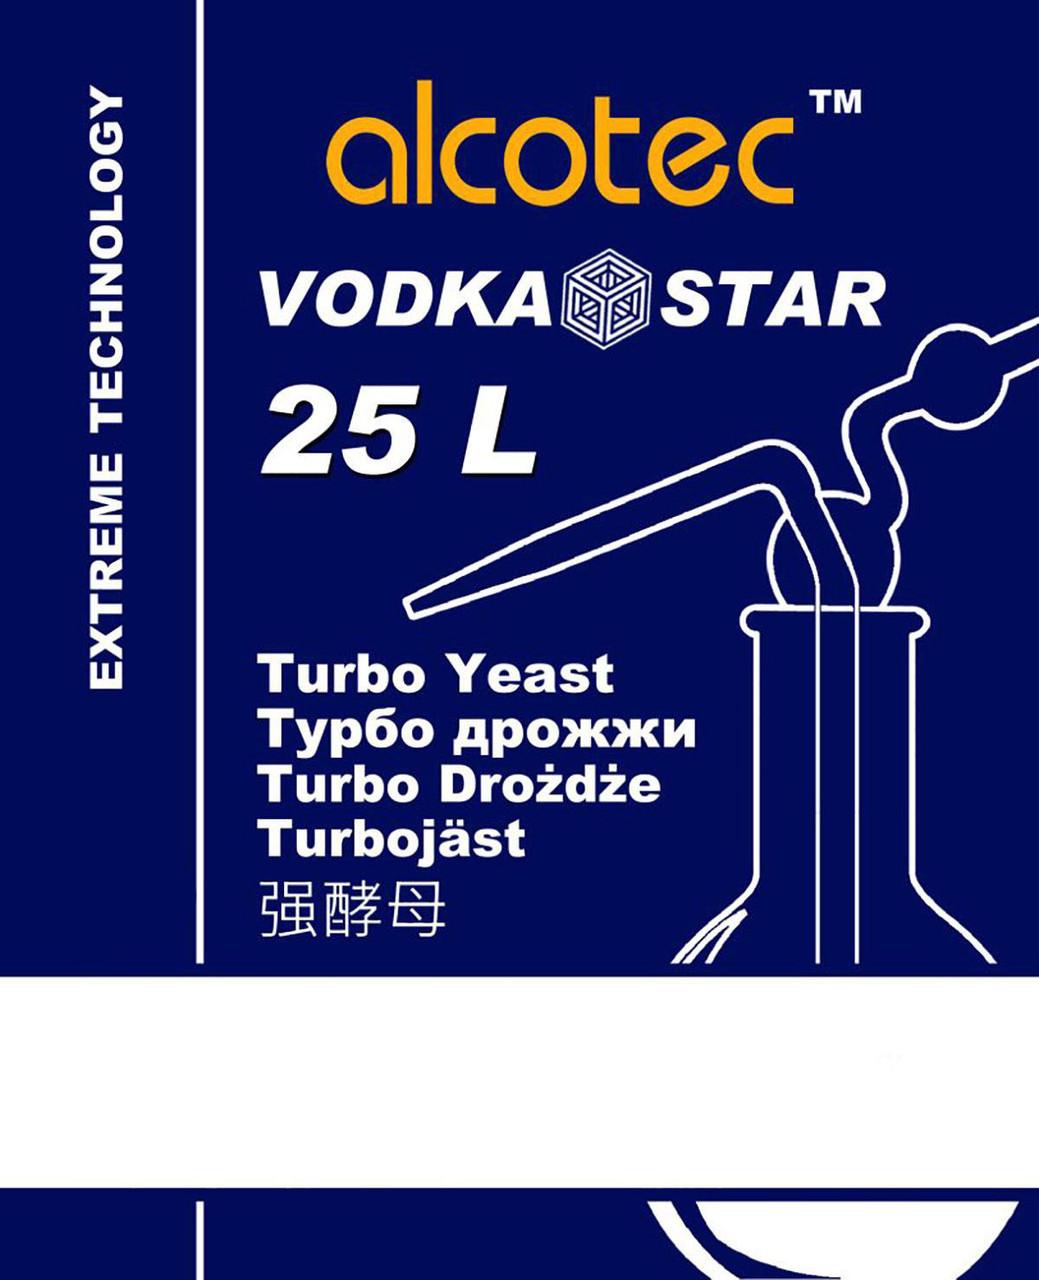 Дрожжи Alcotec VODKA STAR 25L